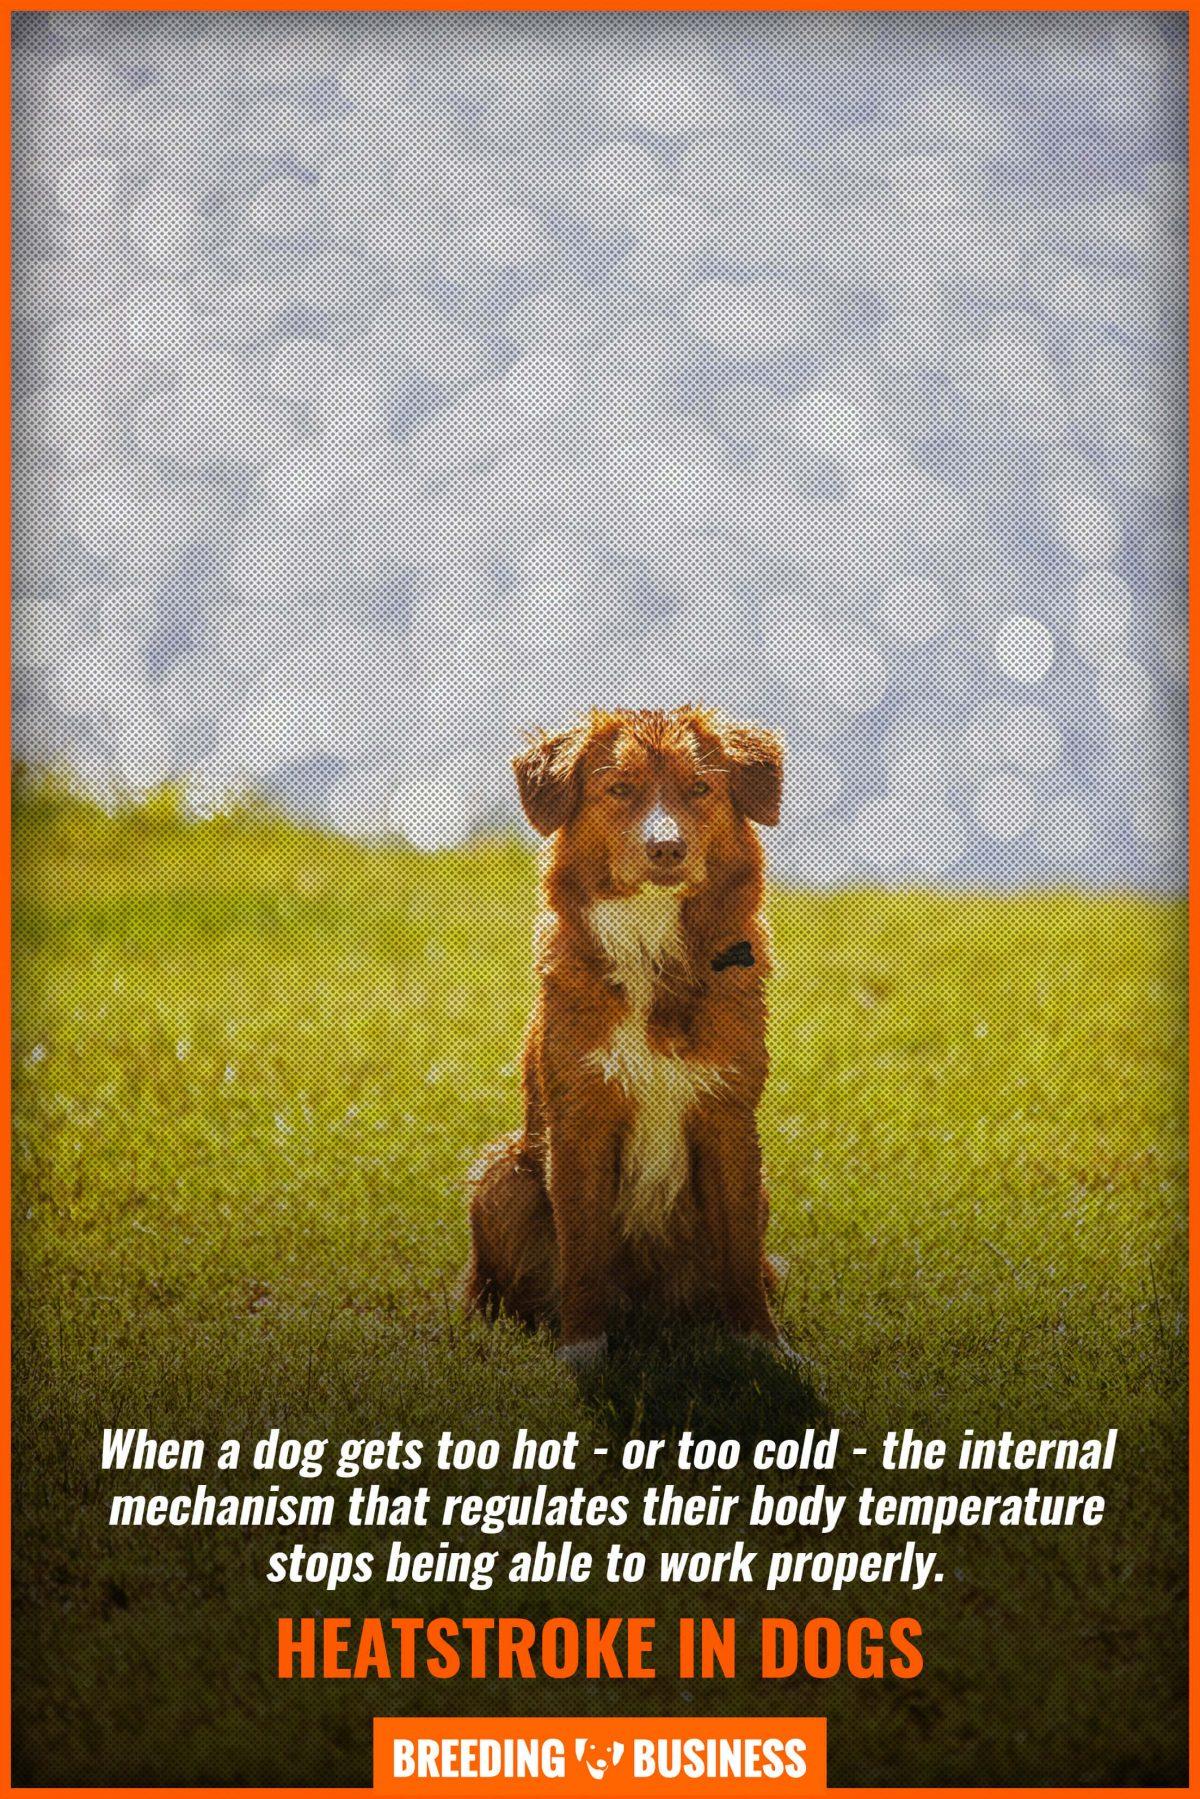 heatstroke in dogs while walking